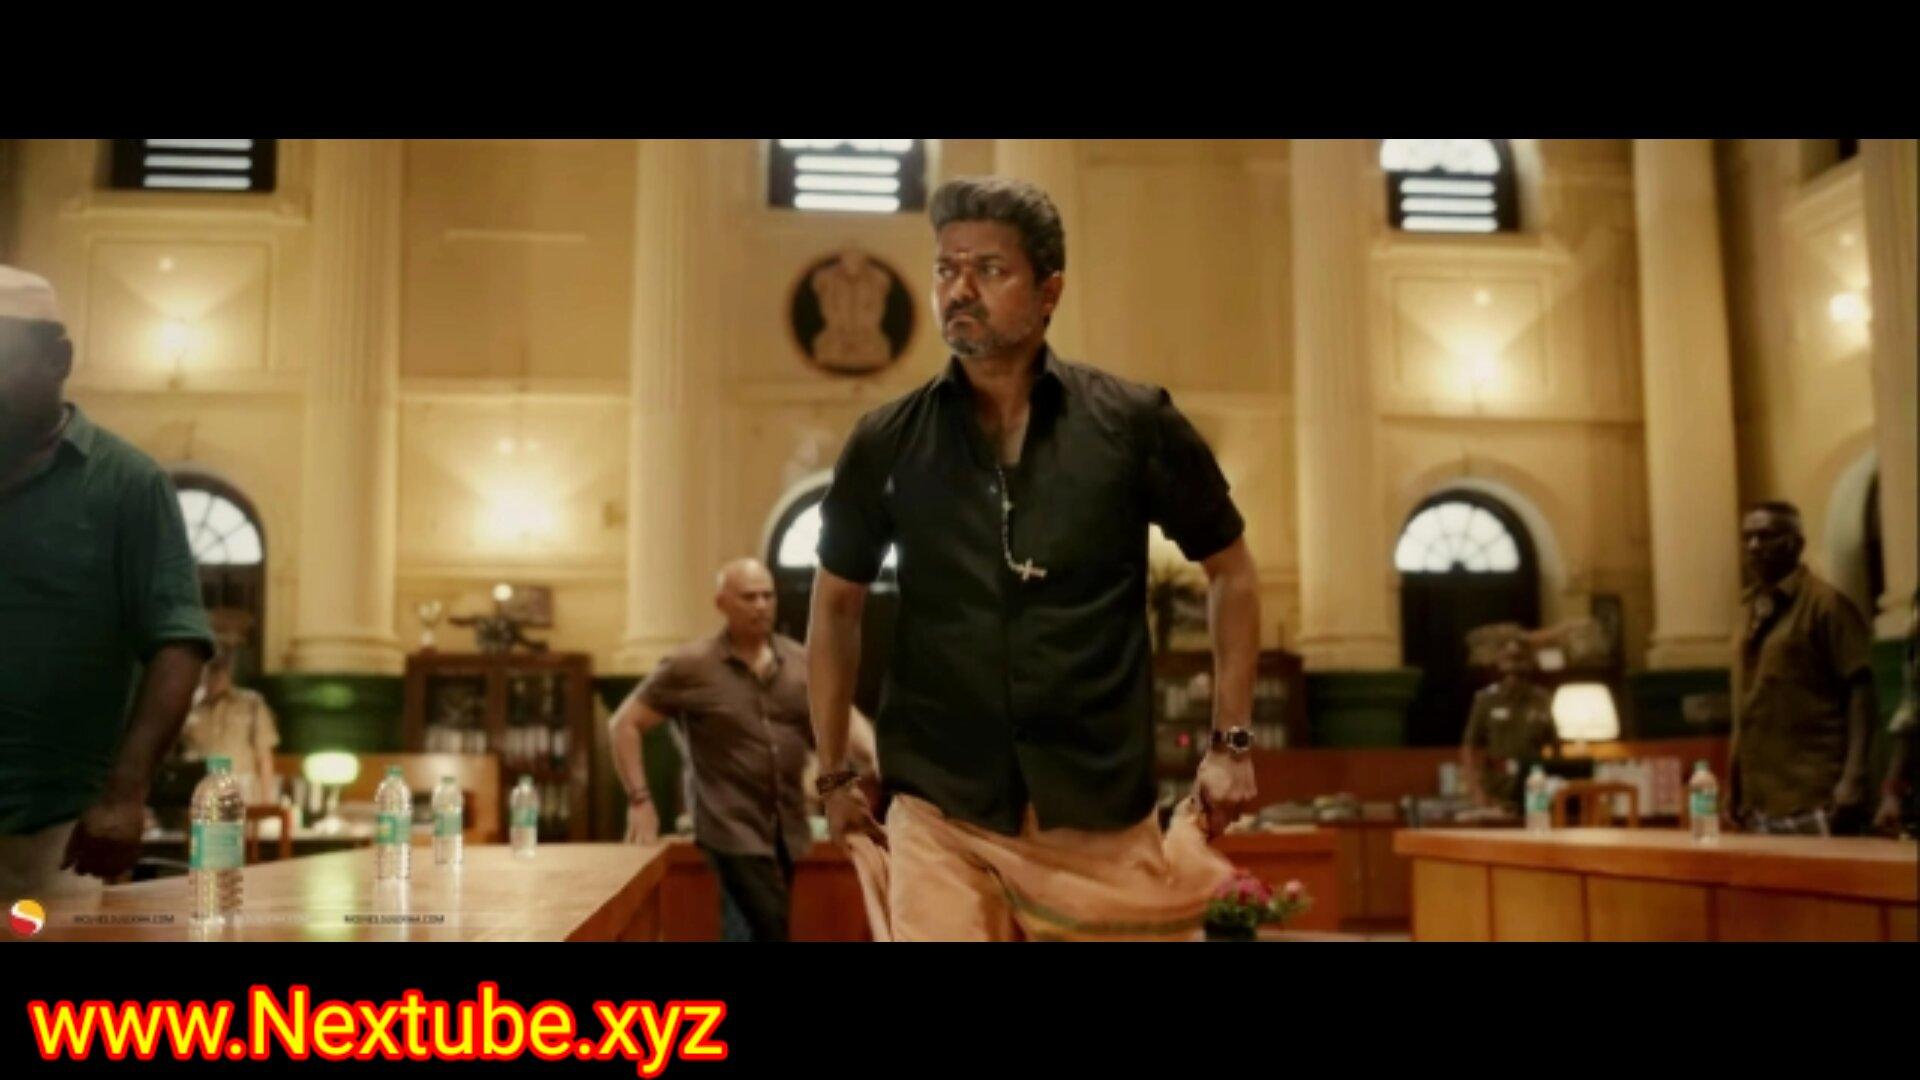 bigil tamil movie download